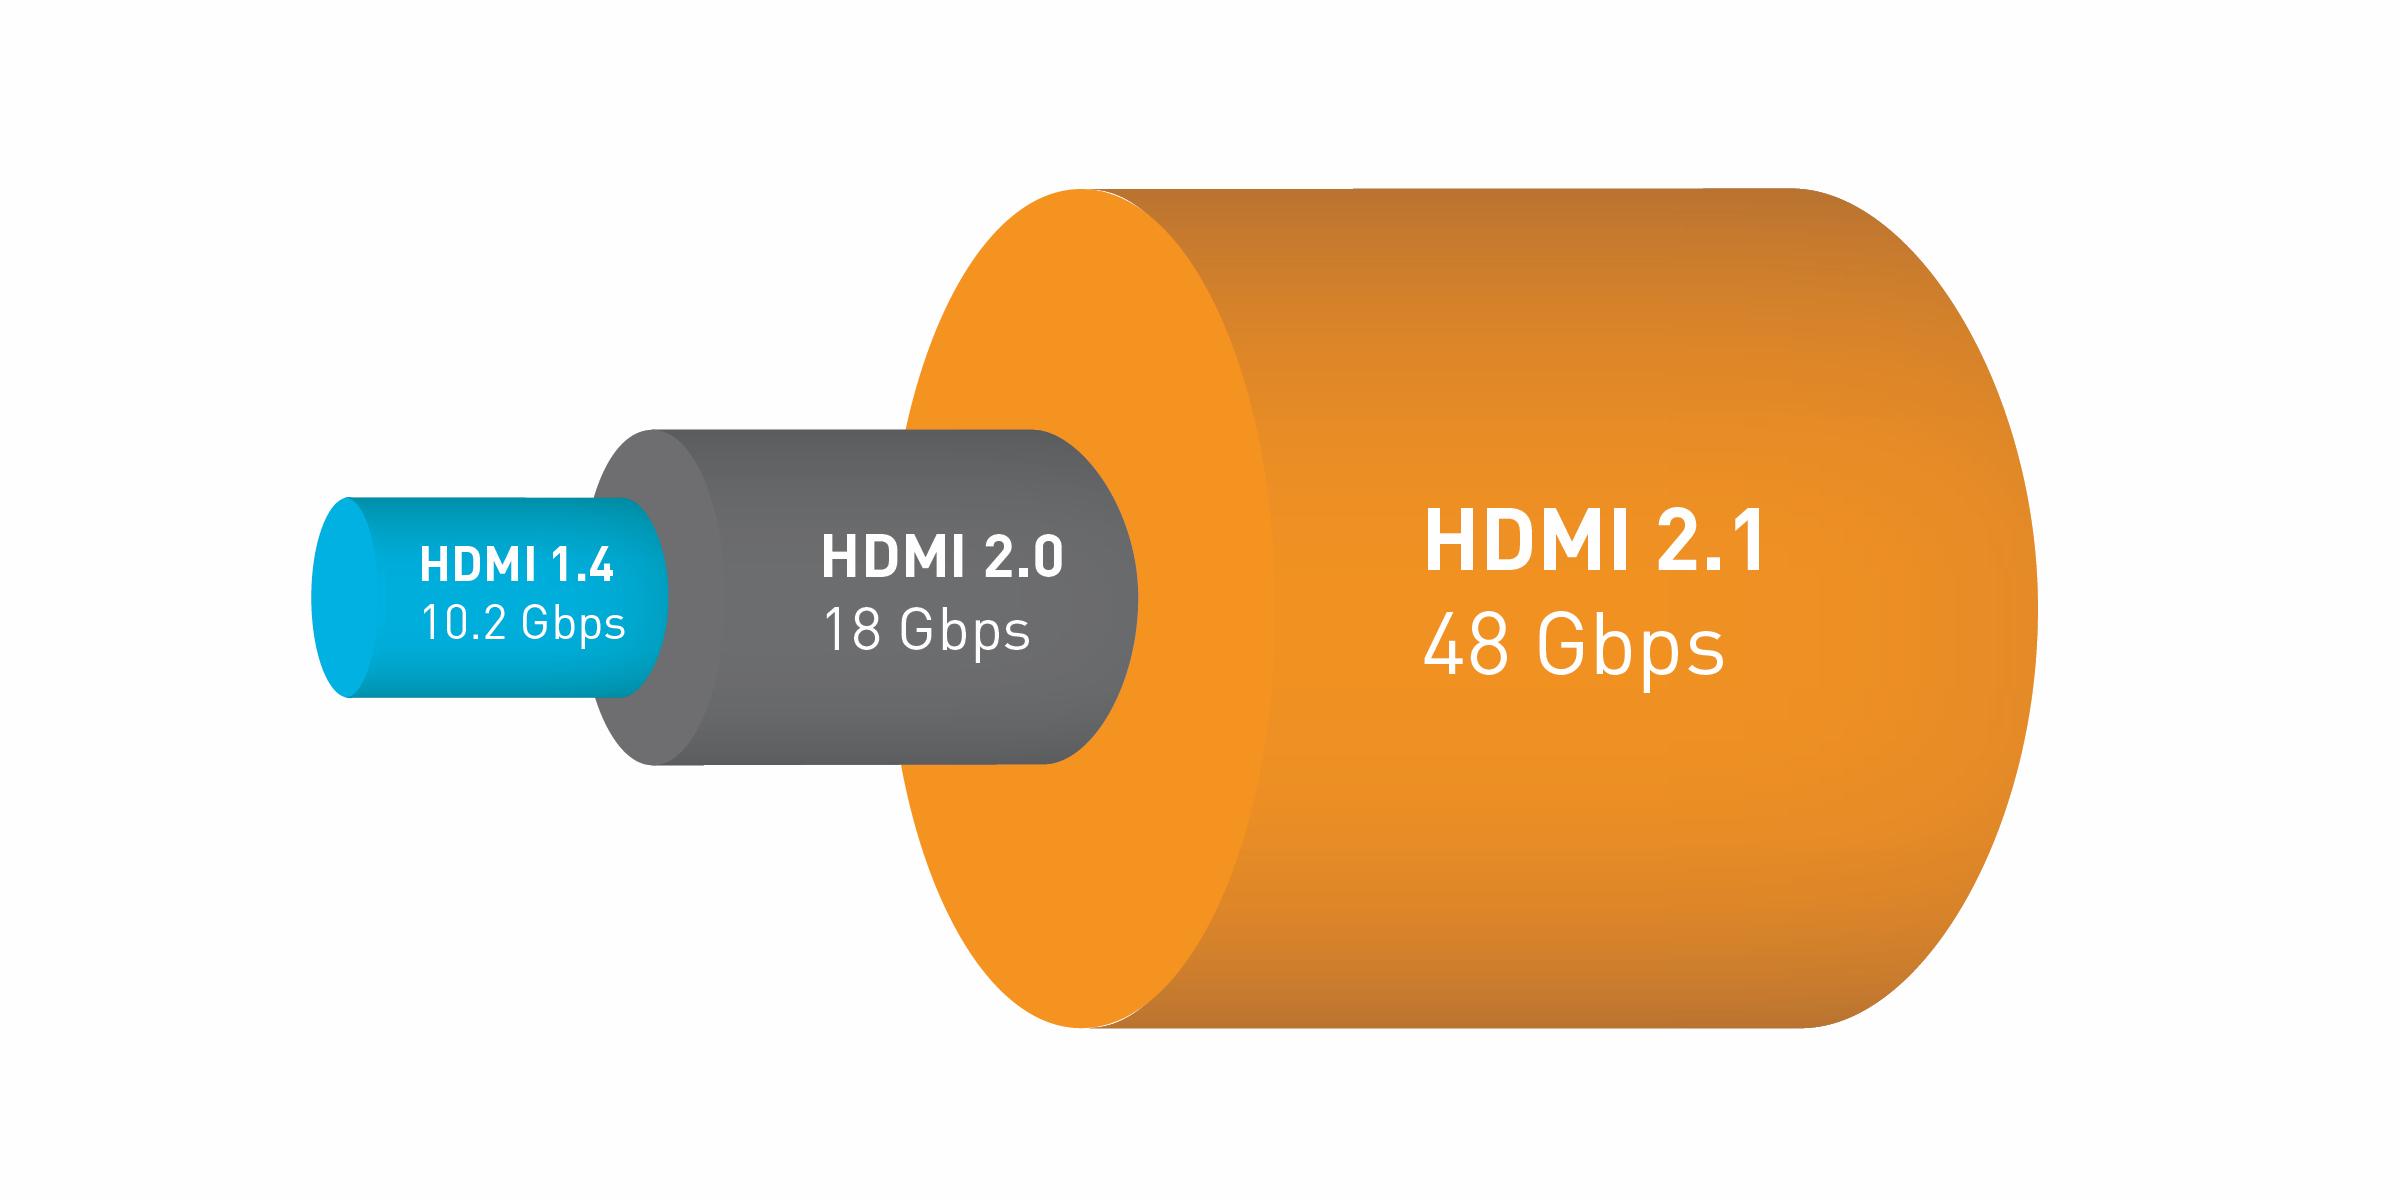 HDMI 2.1 Kabel Bandbreite